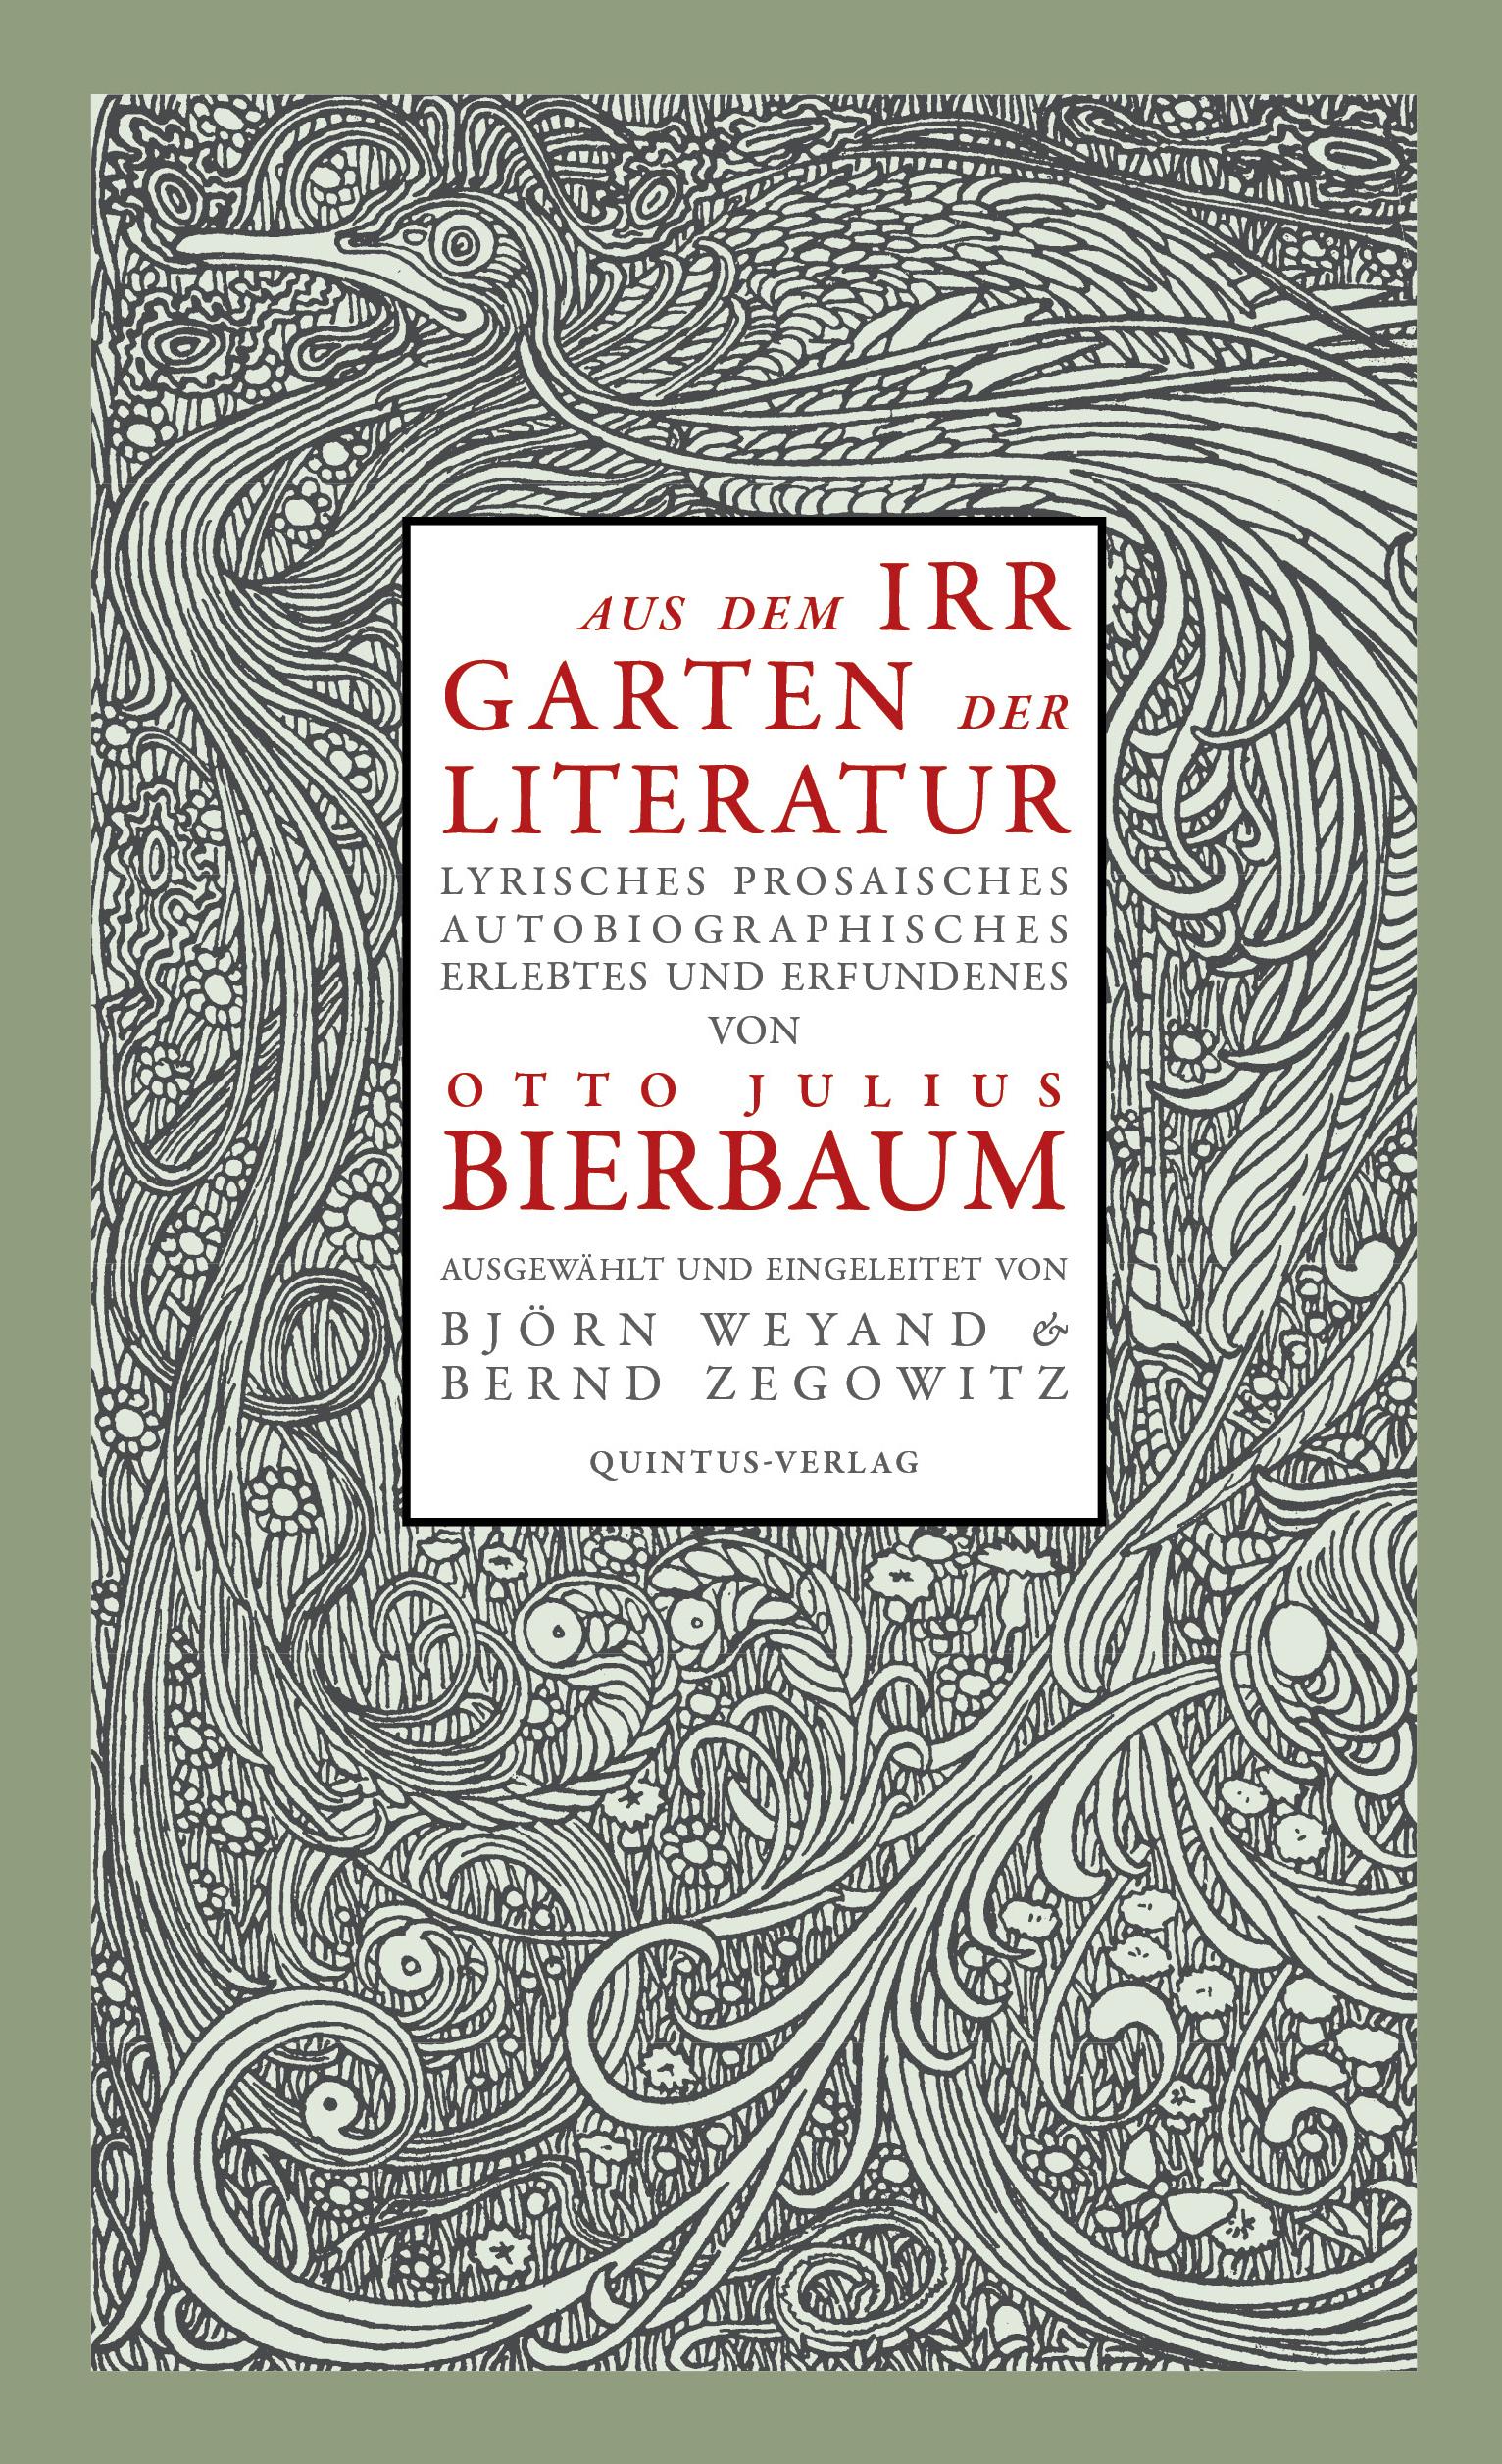 Aus dem Irrgarten der Literatur